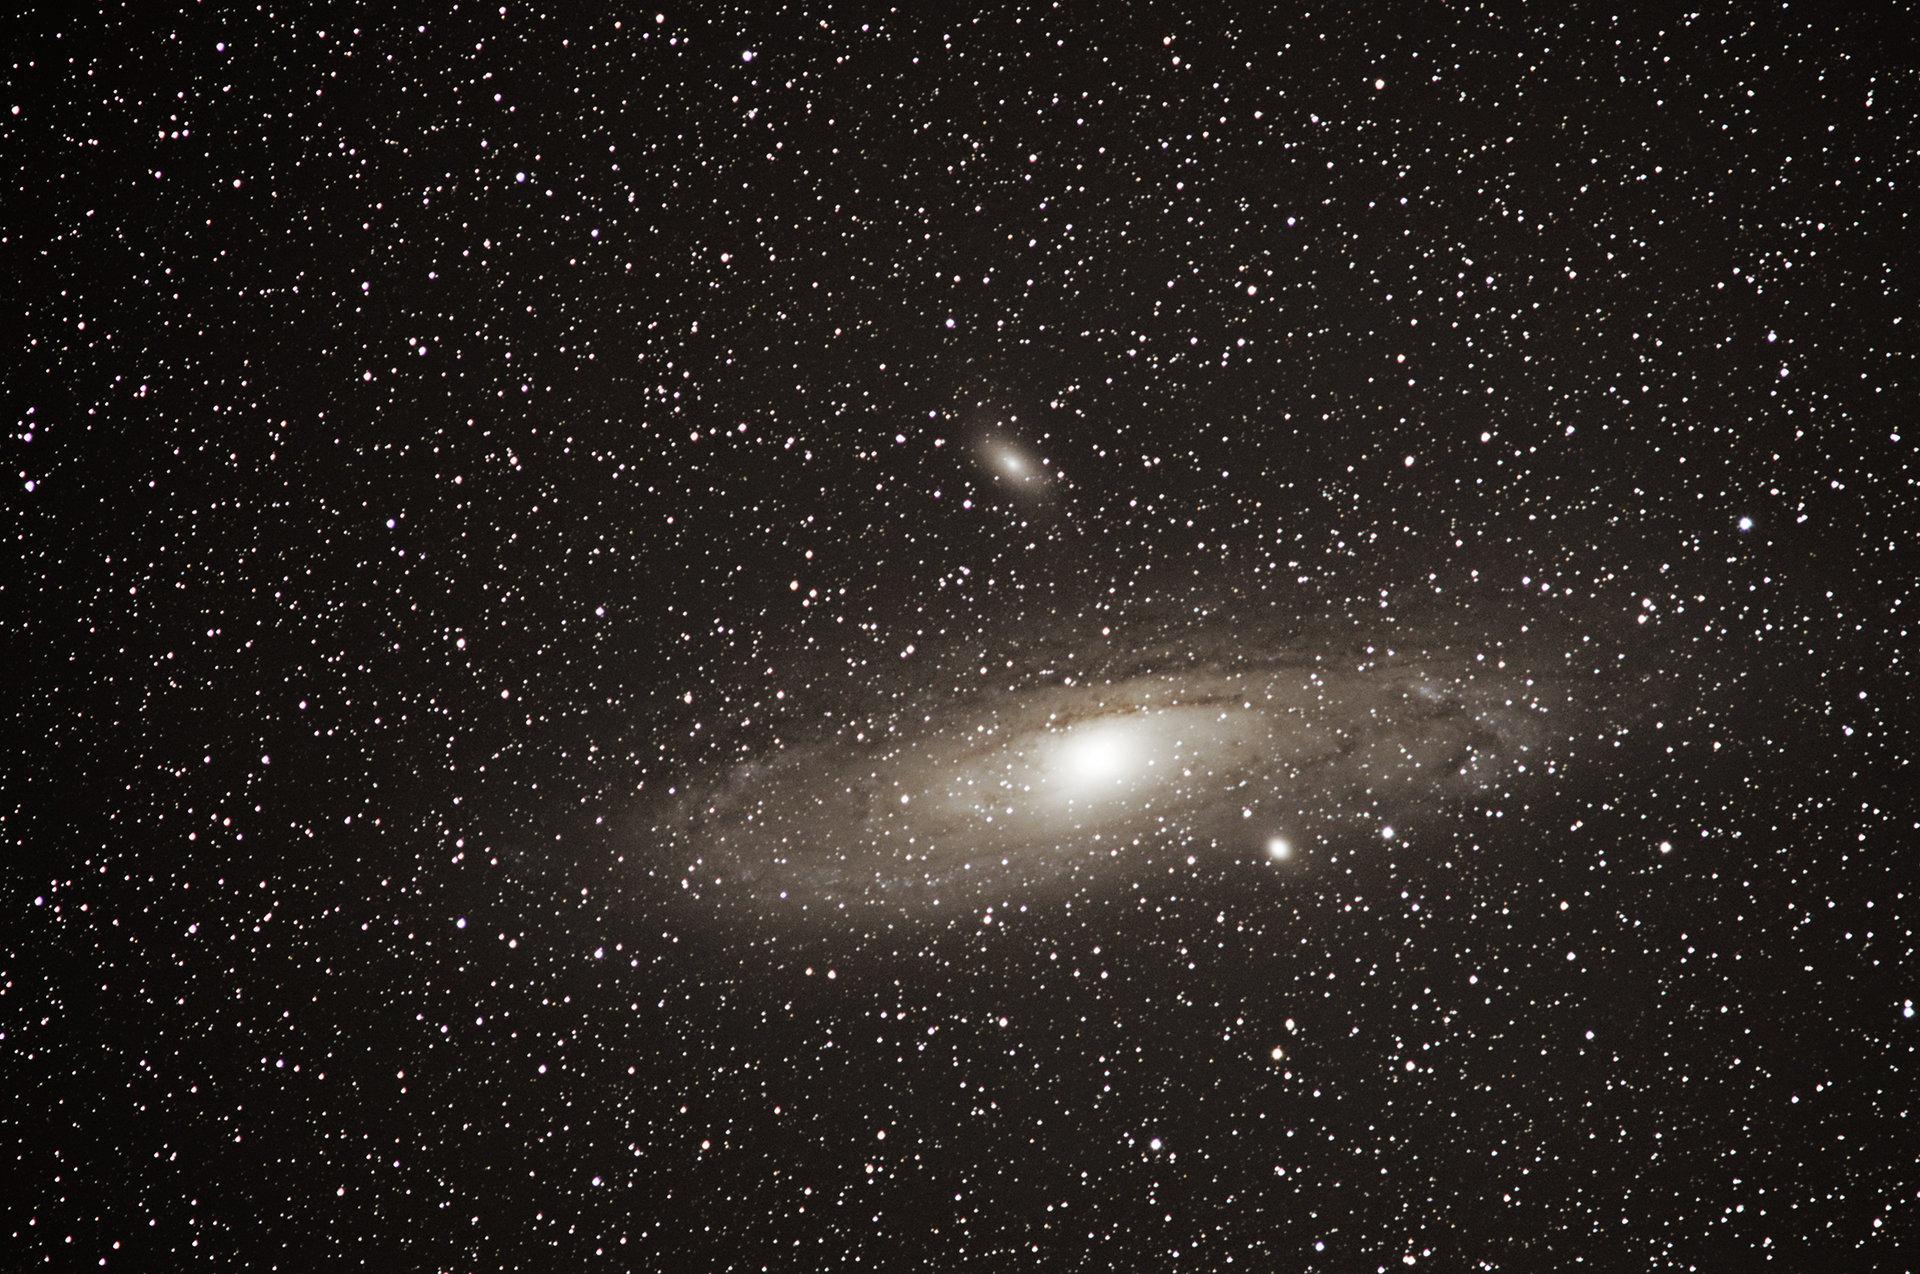 Галактика Андромеда М31 от Miroslav Nikolov - Mironiko